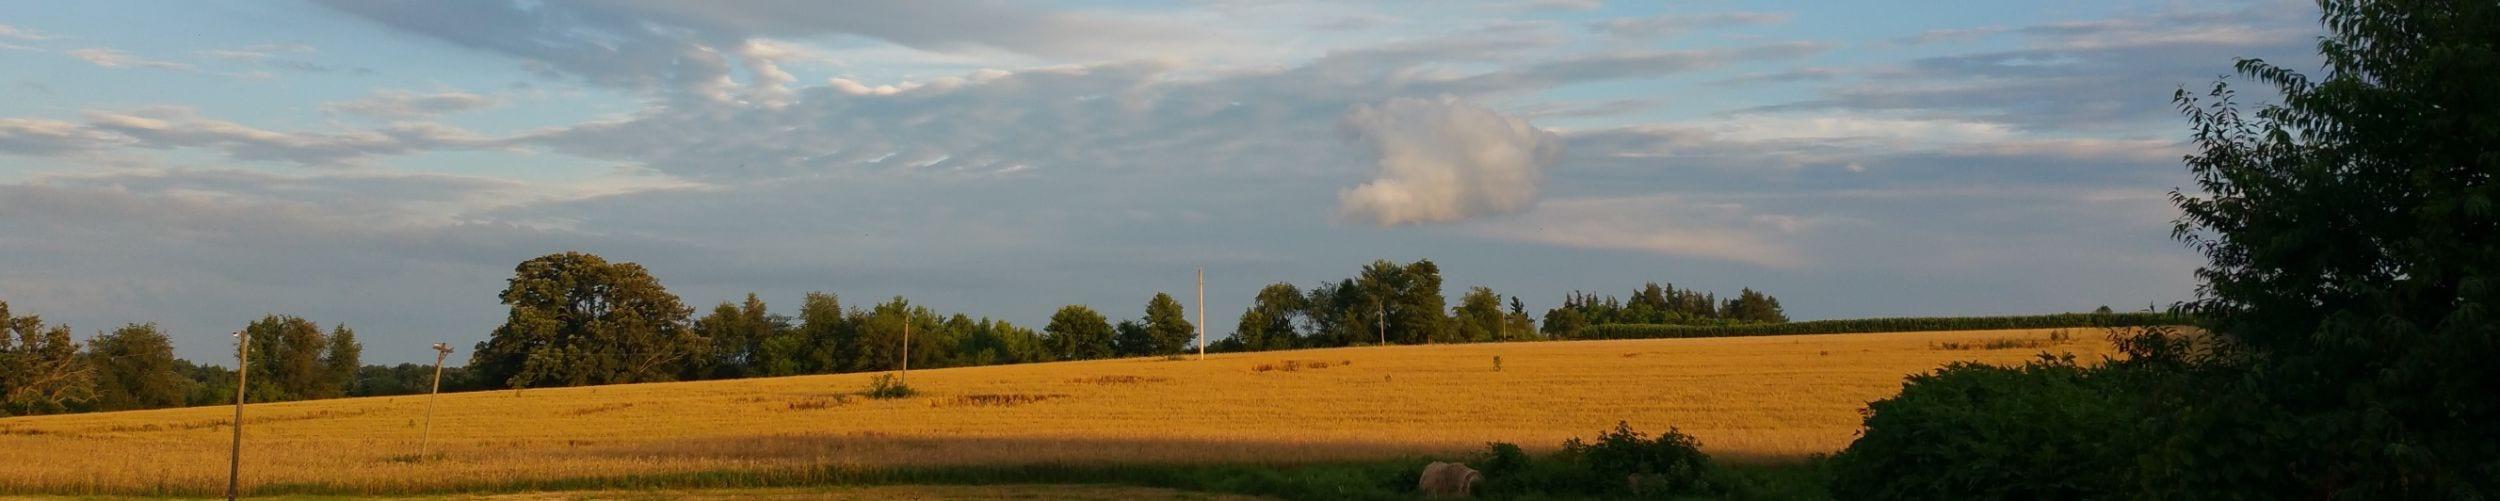 il field